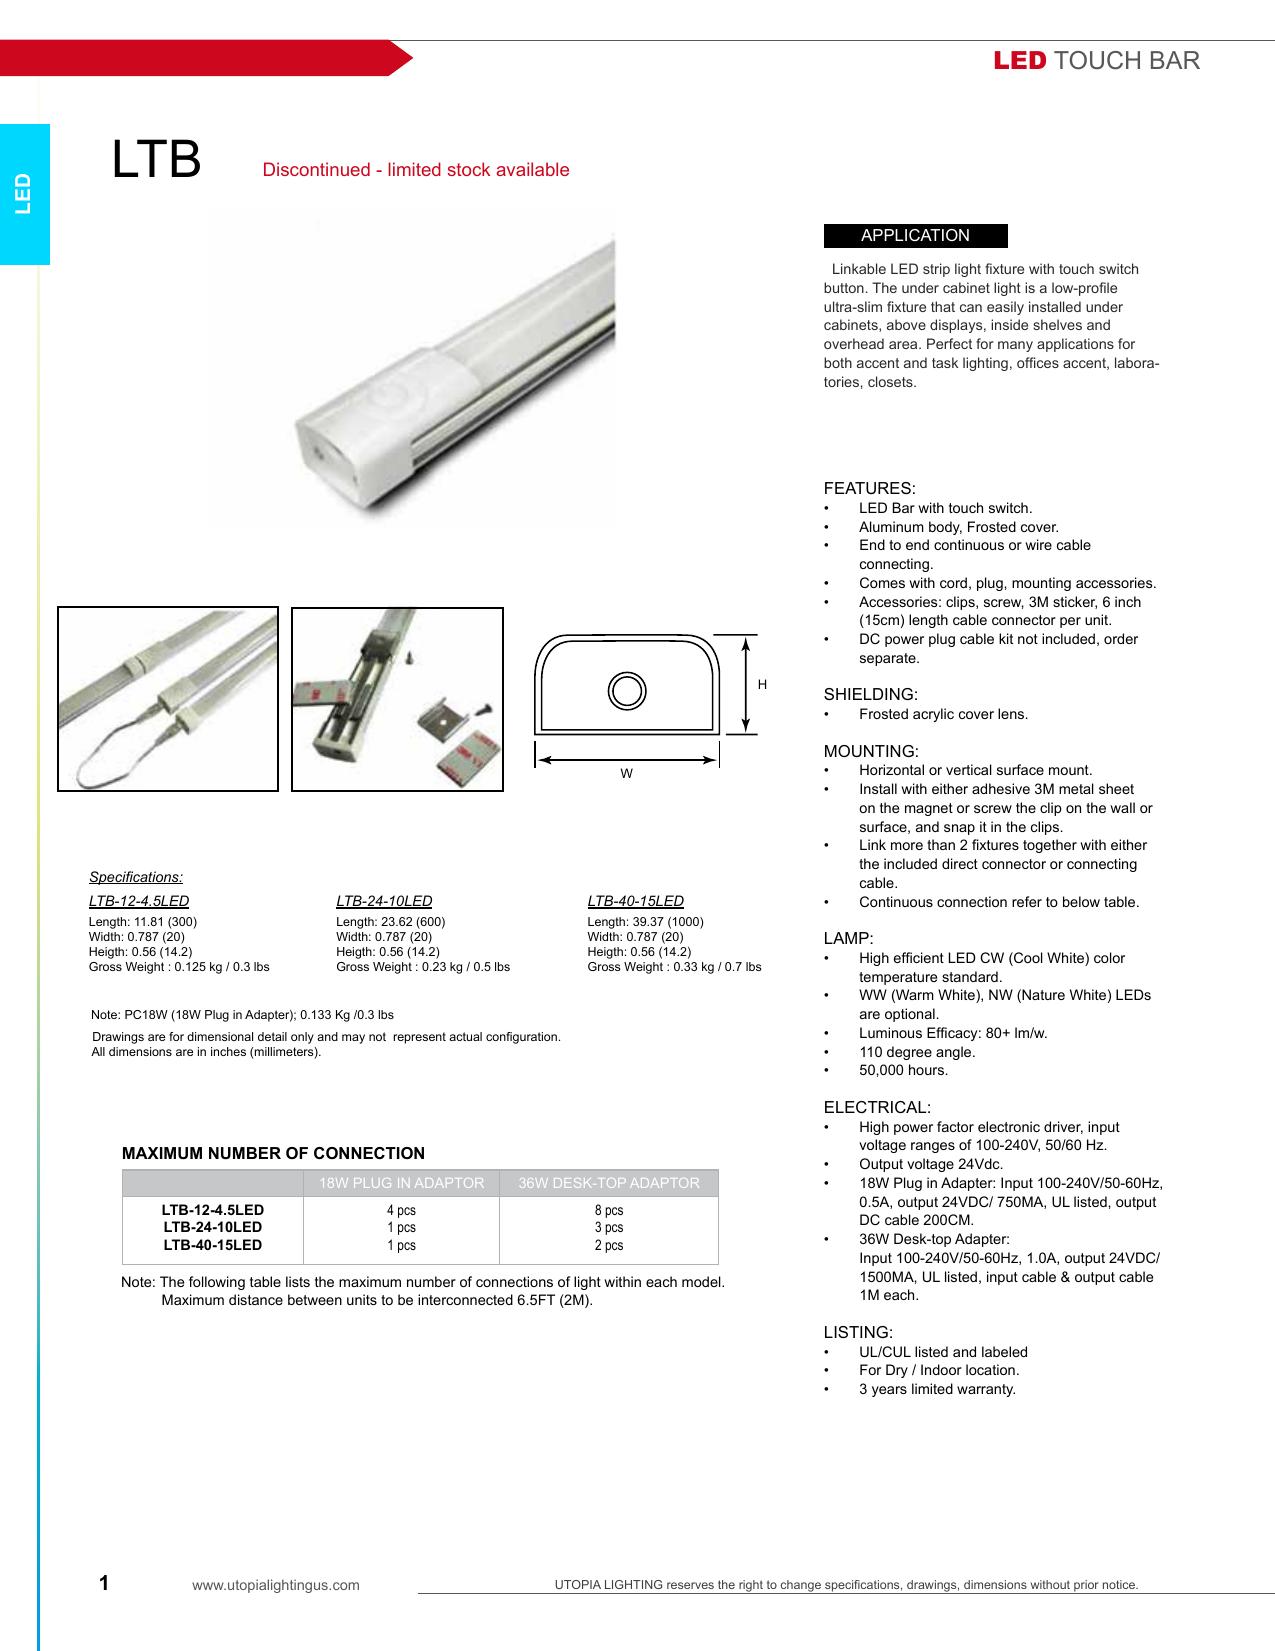 led touch bar utopia lighting manualzz com rh manualzz com